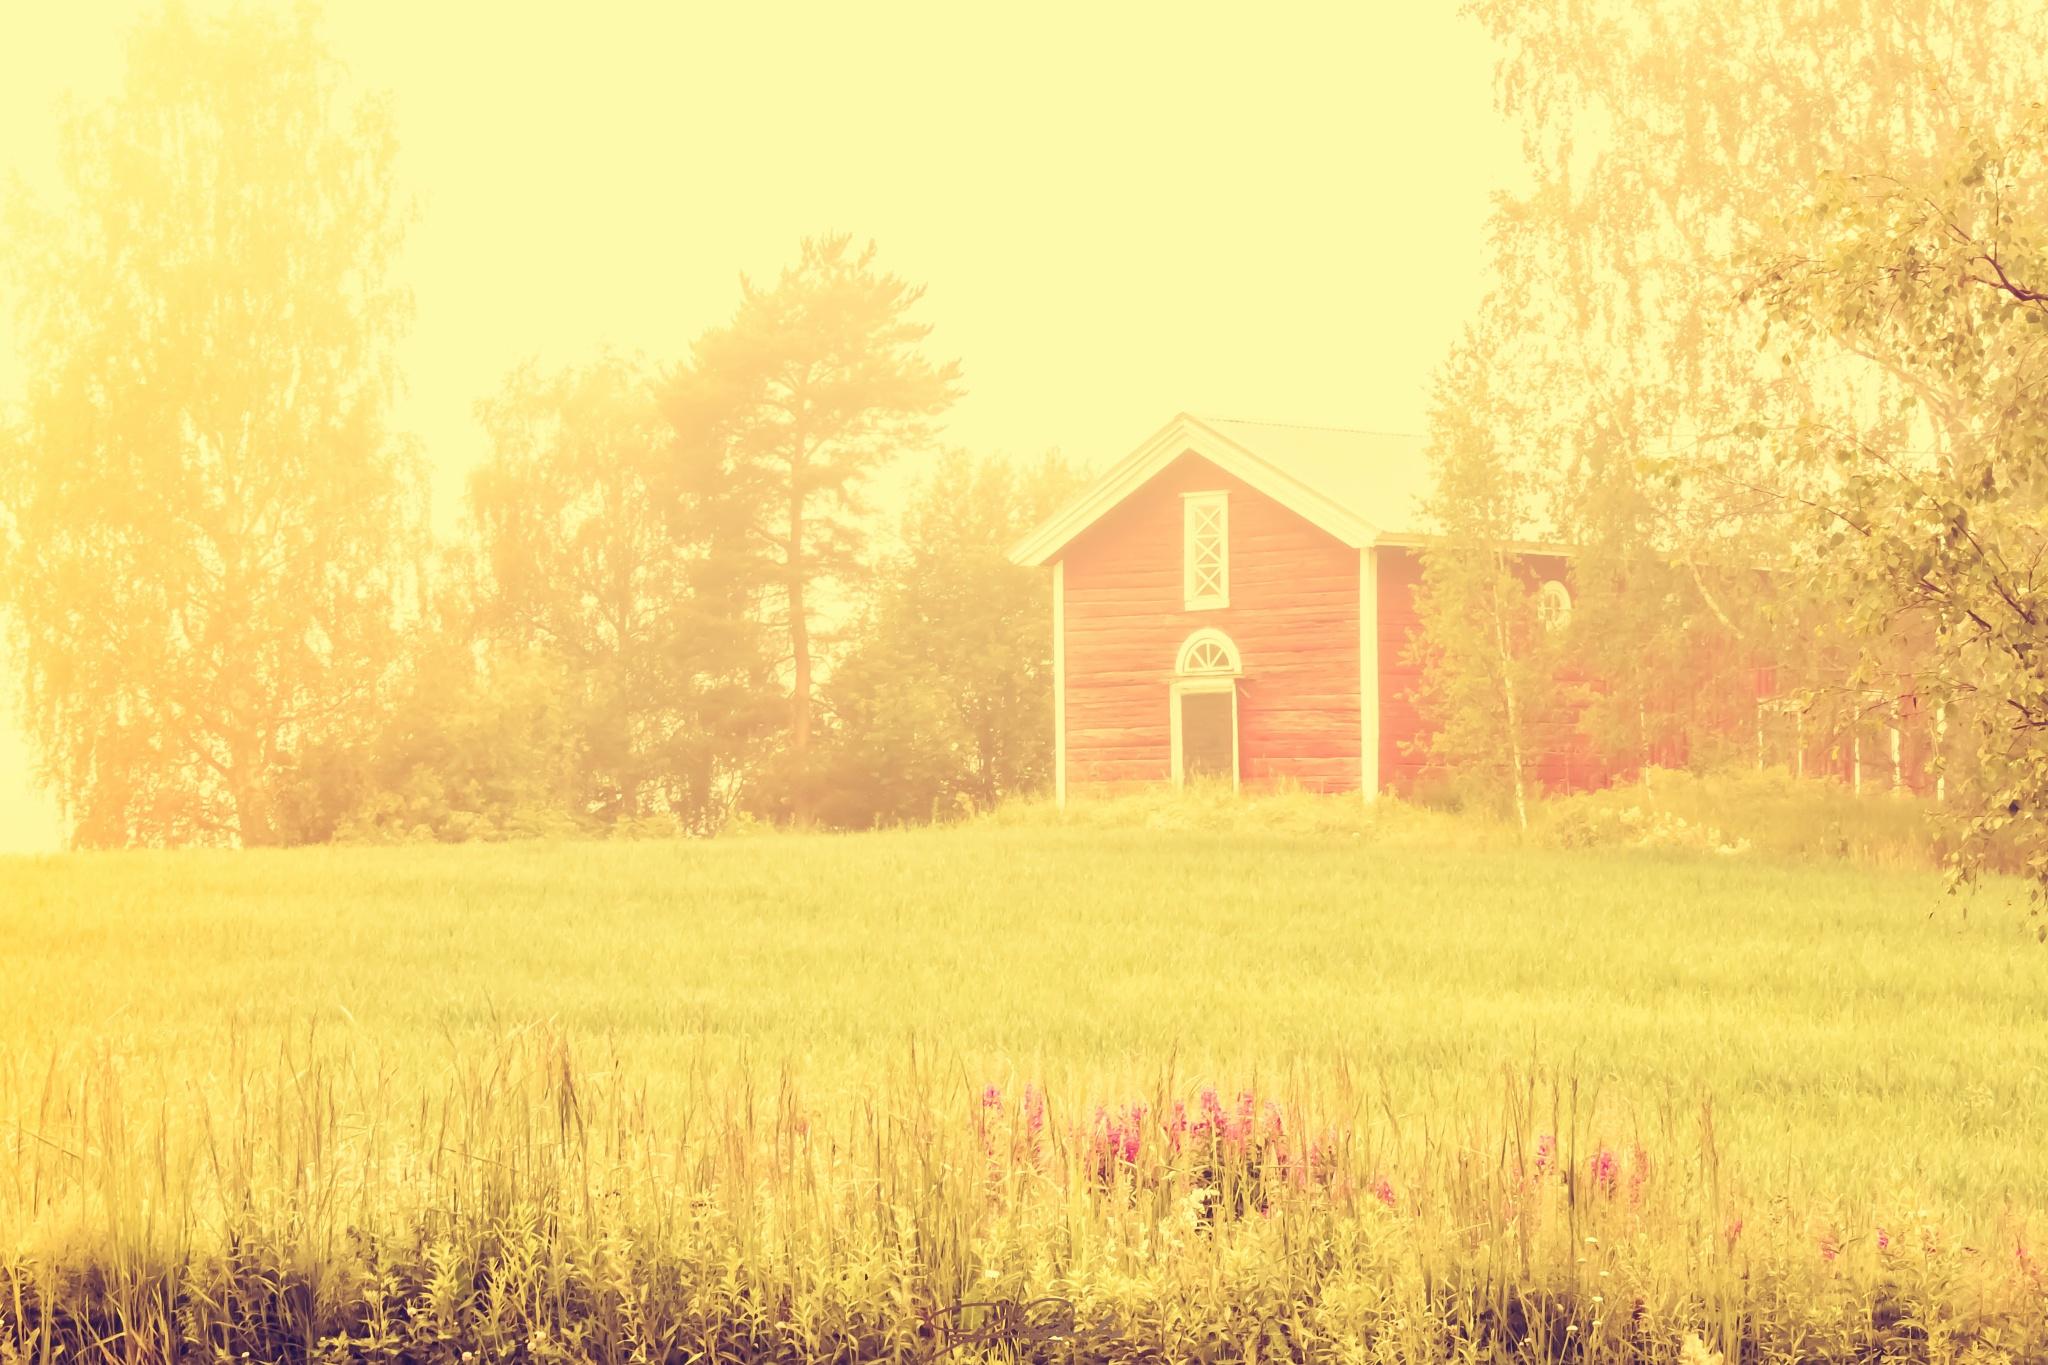 *Midsummer morning* by Kicka Terho